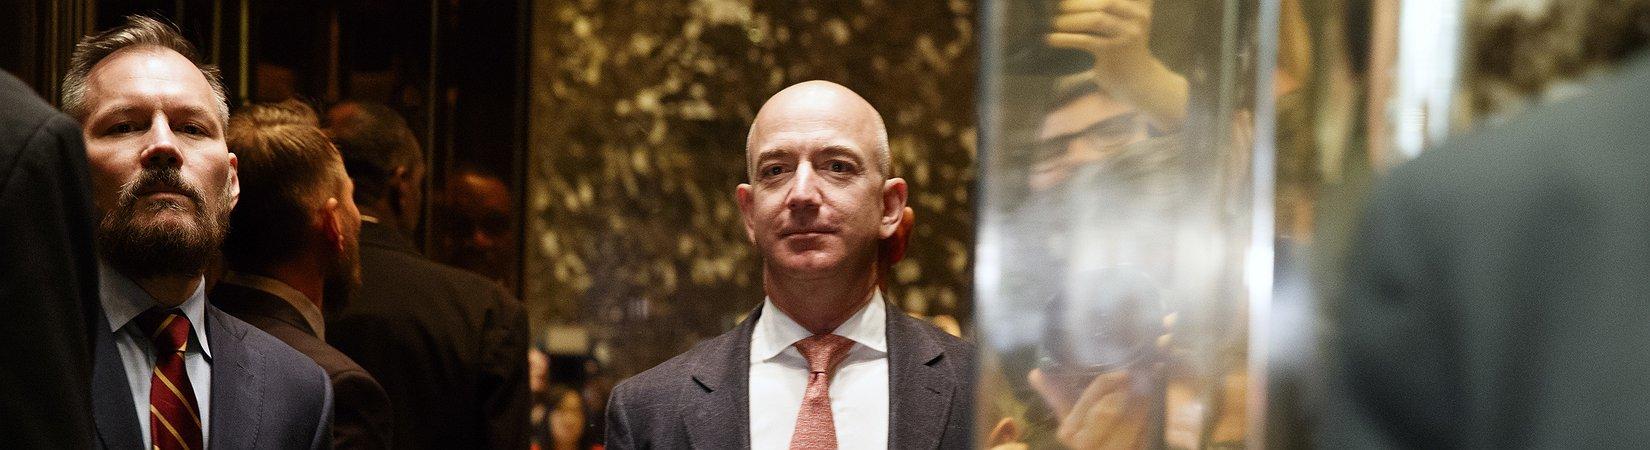 I 5 CEO tech che possono essere più danneggiati dalla presidenza Trump